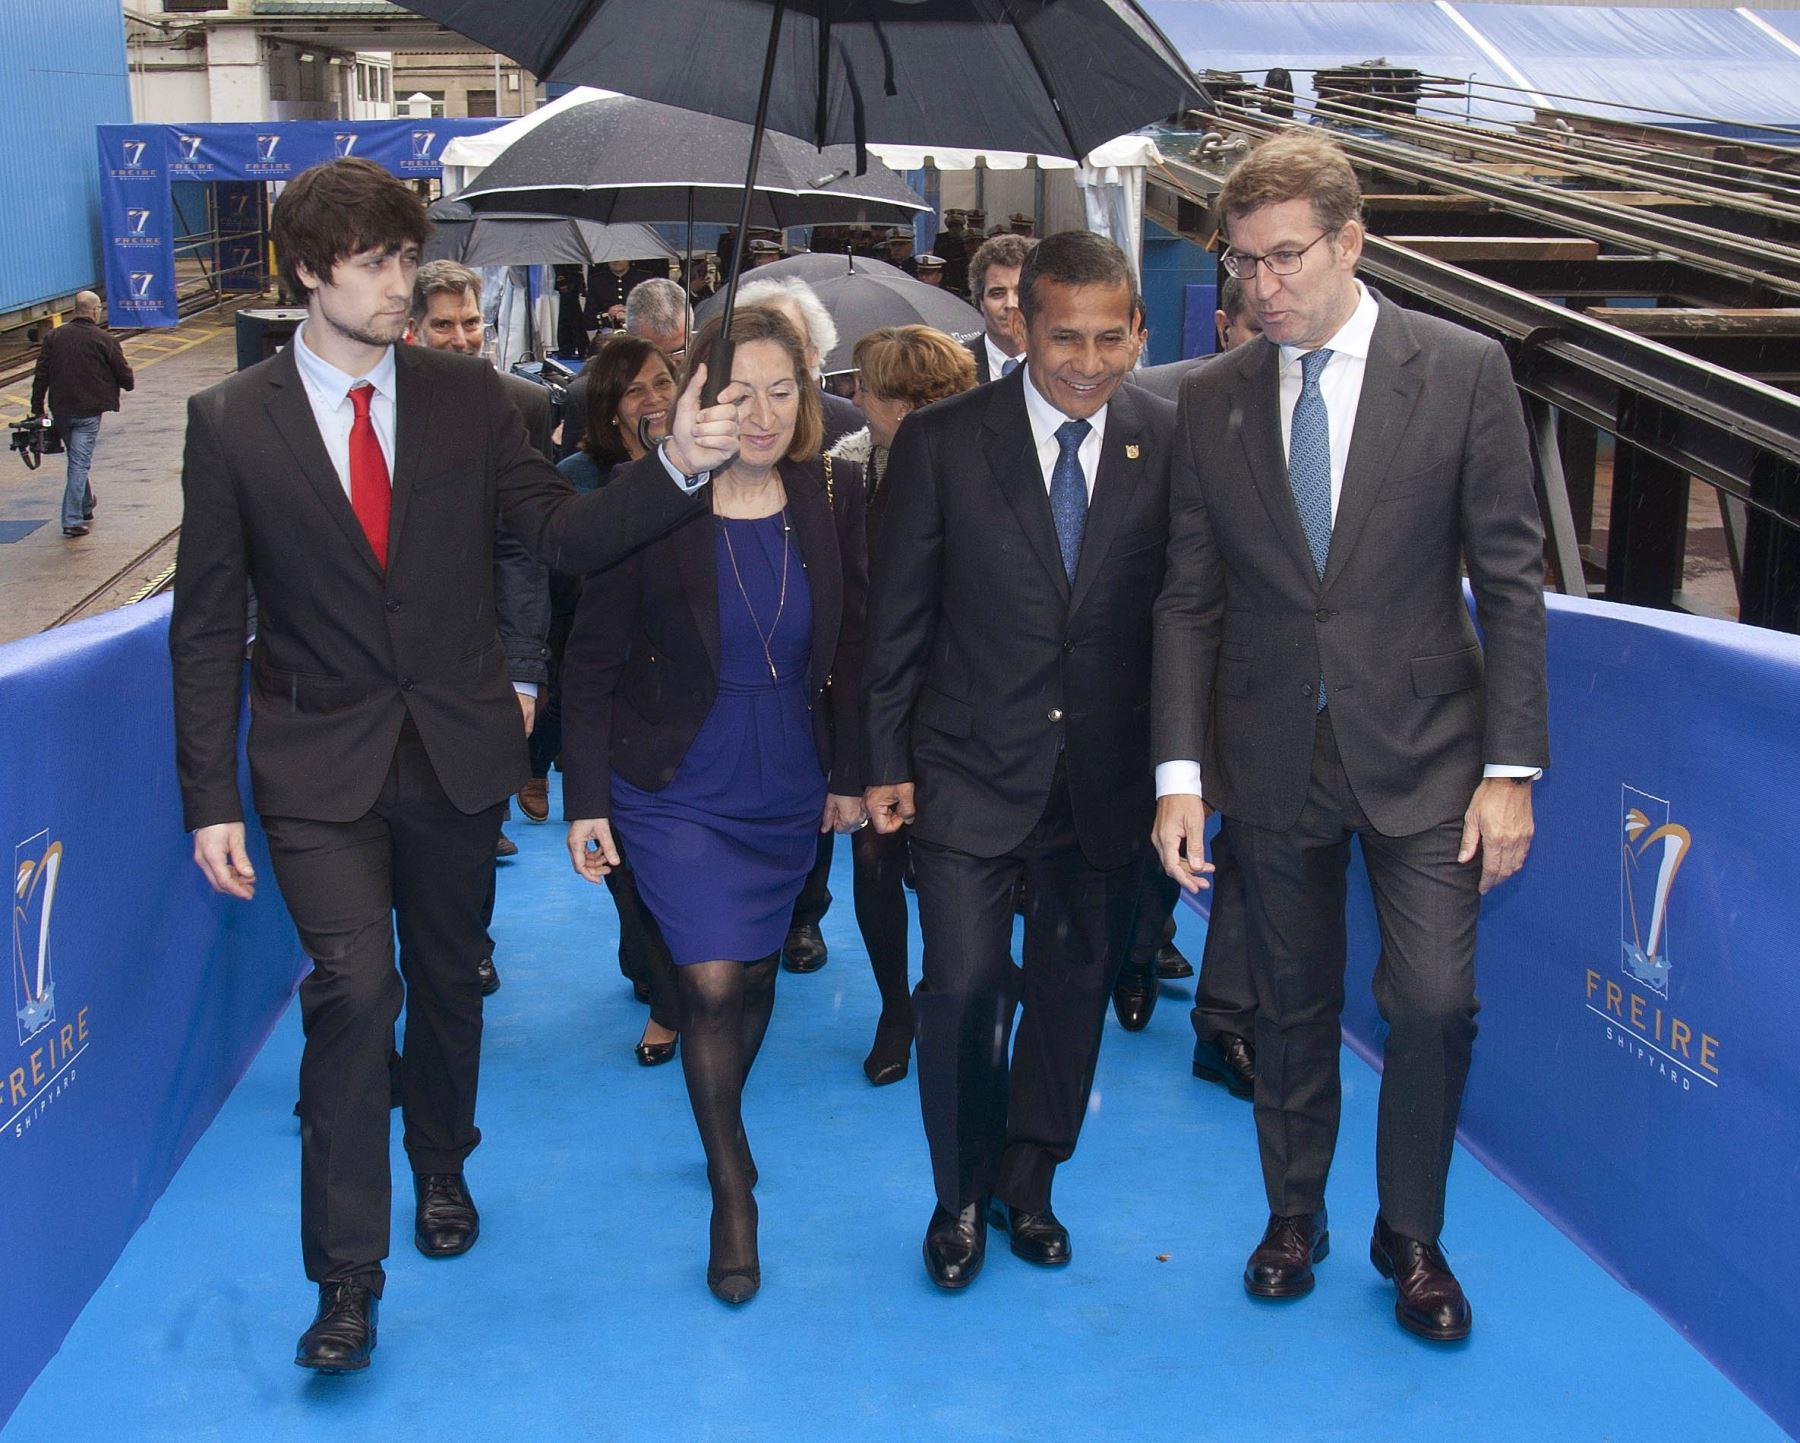 Presidente Ollanta Humala en ceremonia de lanzamiento del BAP Carrasco en Vigo, España. Foto: EFE.